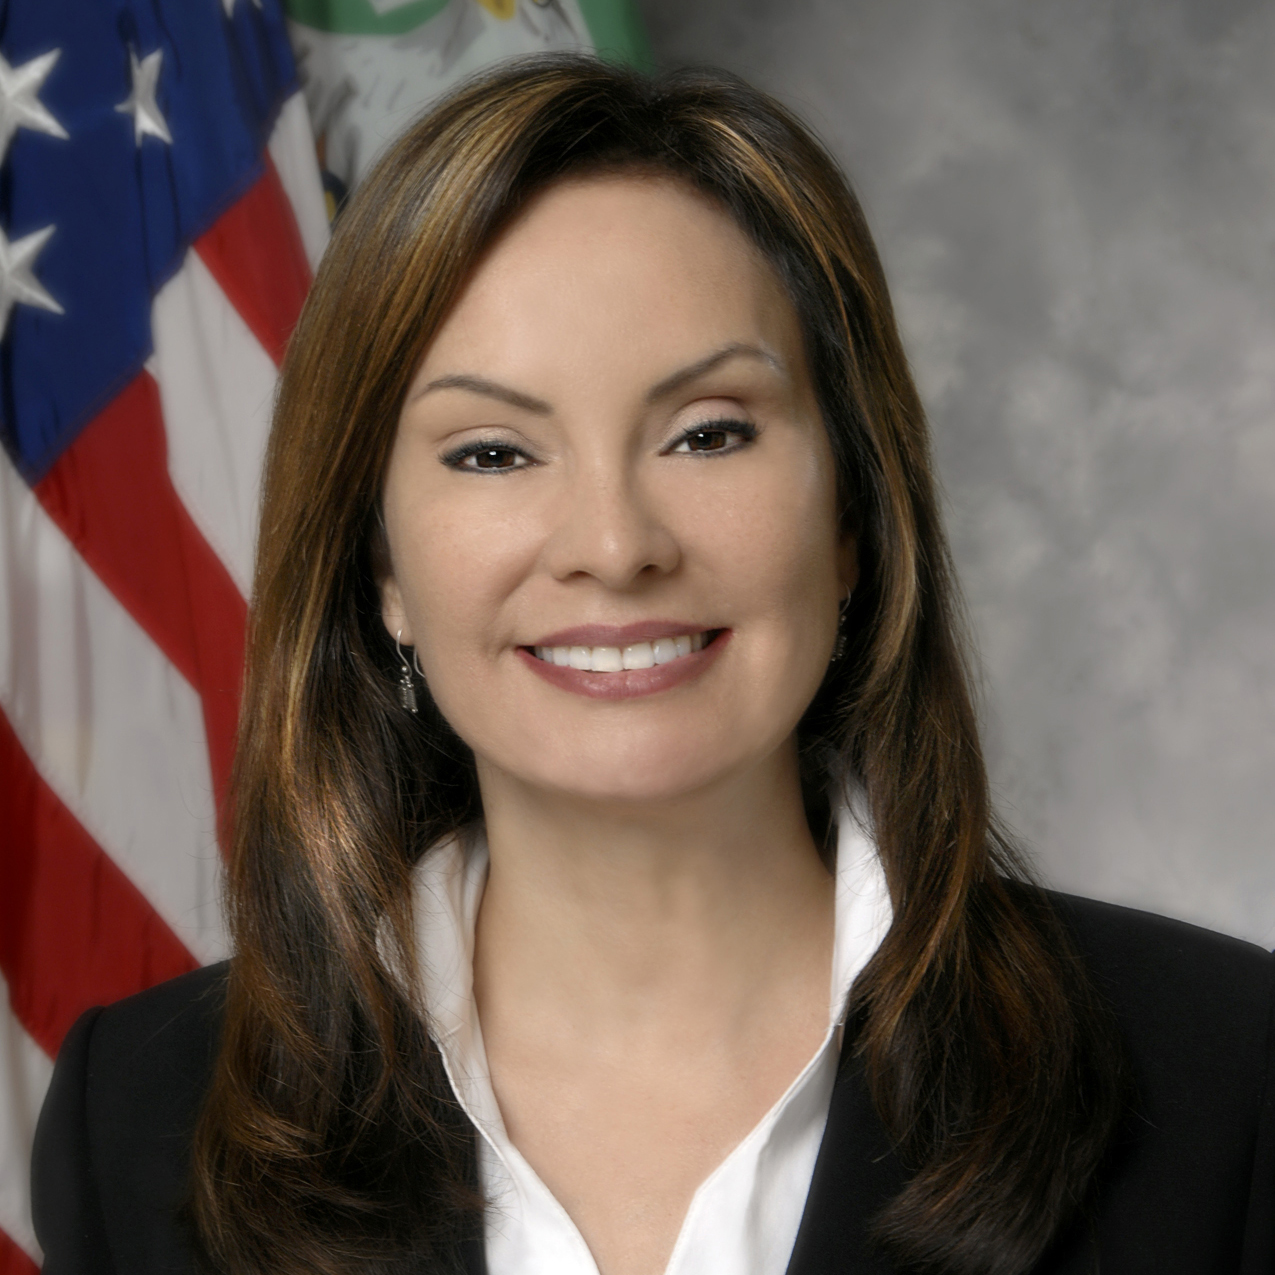 Rosie Rios